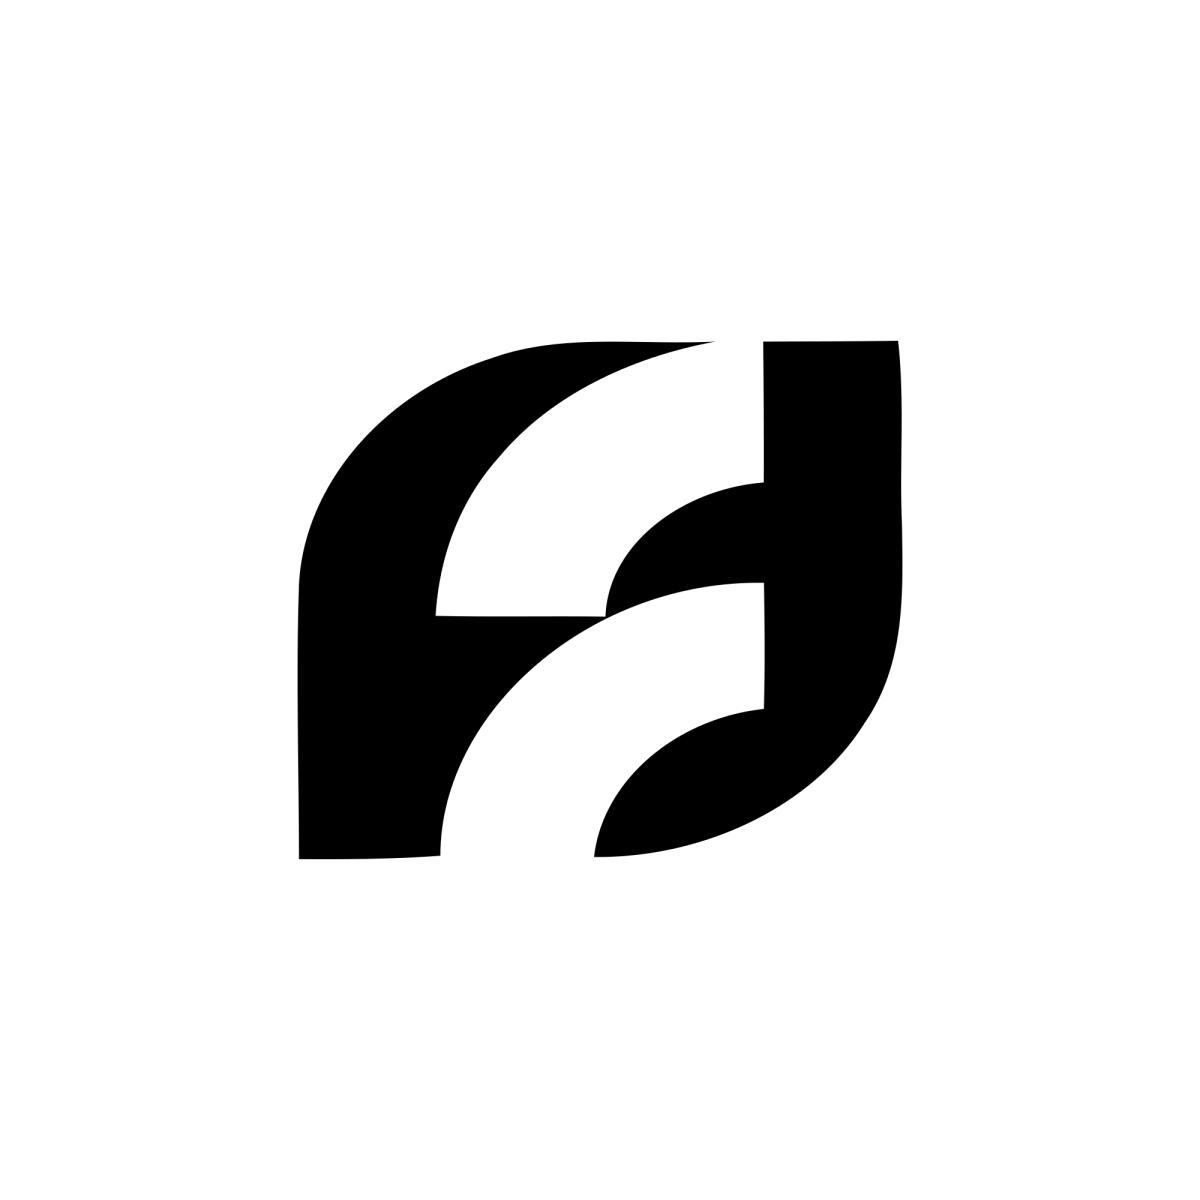 Letter F Logo Mark Logo Mark Lettering Letter F